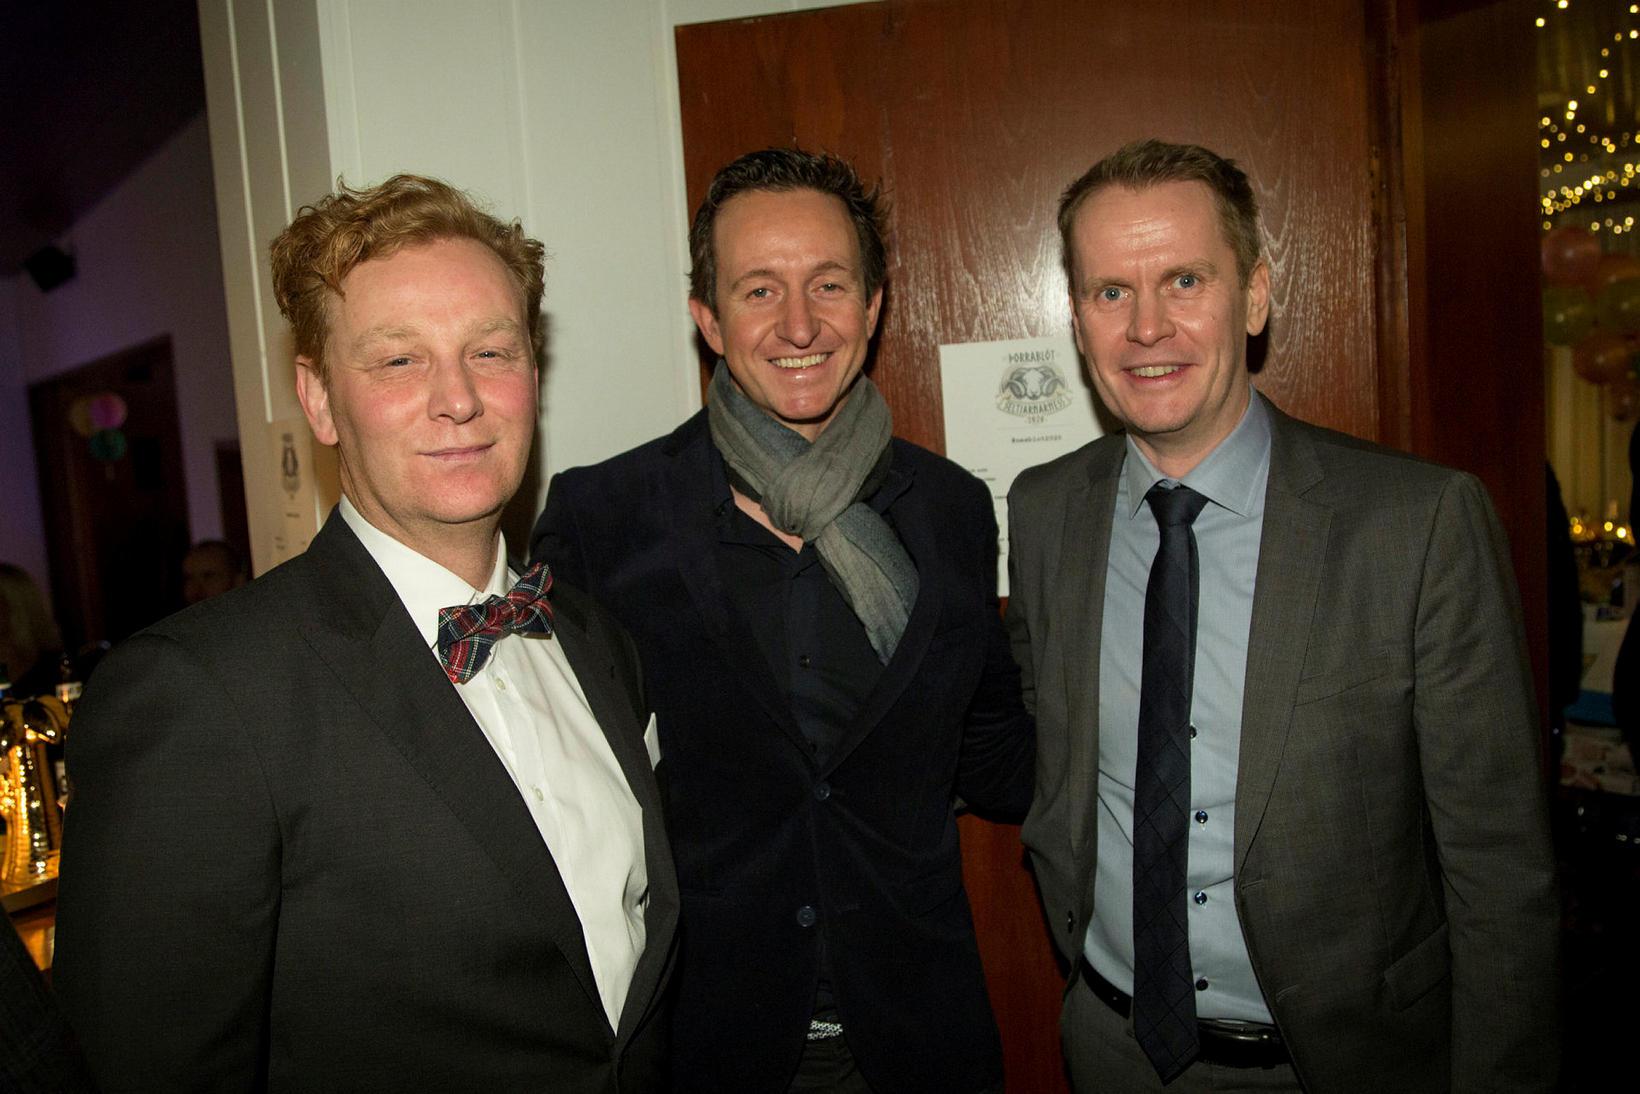 Bragi Björnsson, Jóhann Þórarinsson og Páll Guðmundsson.